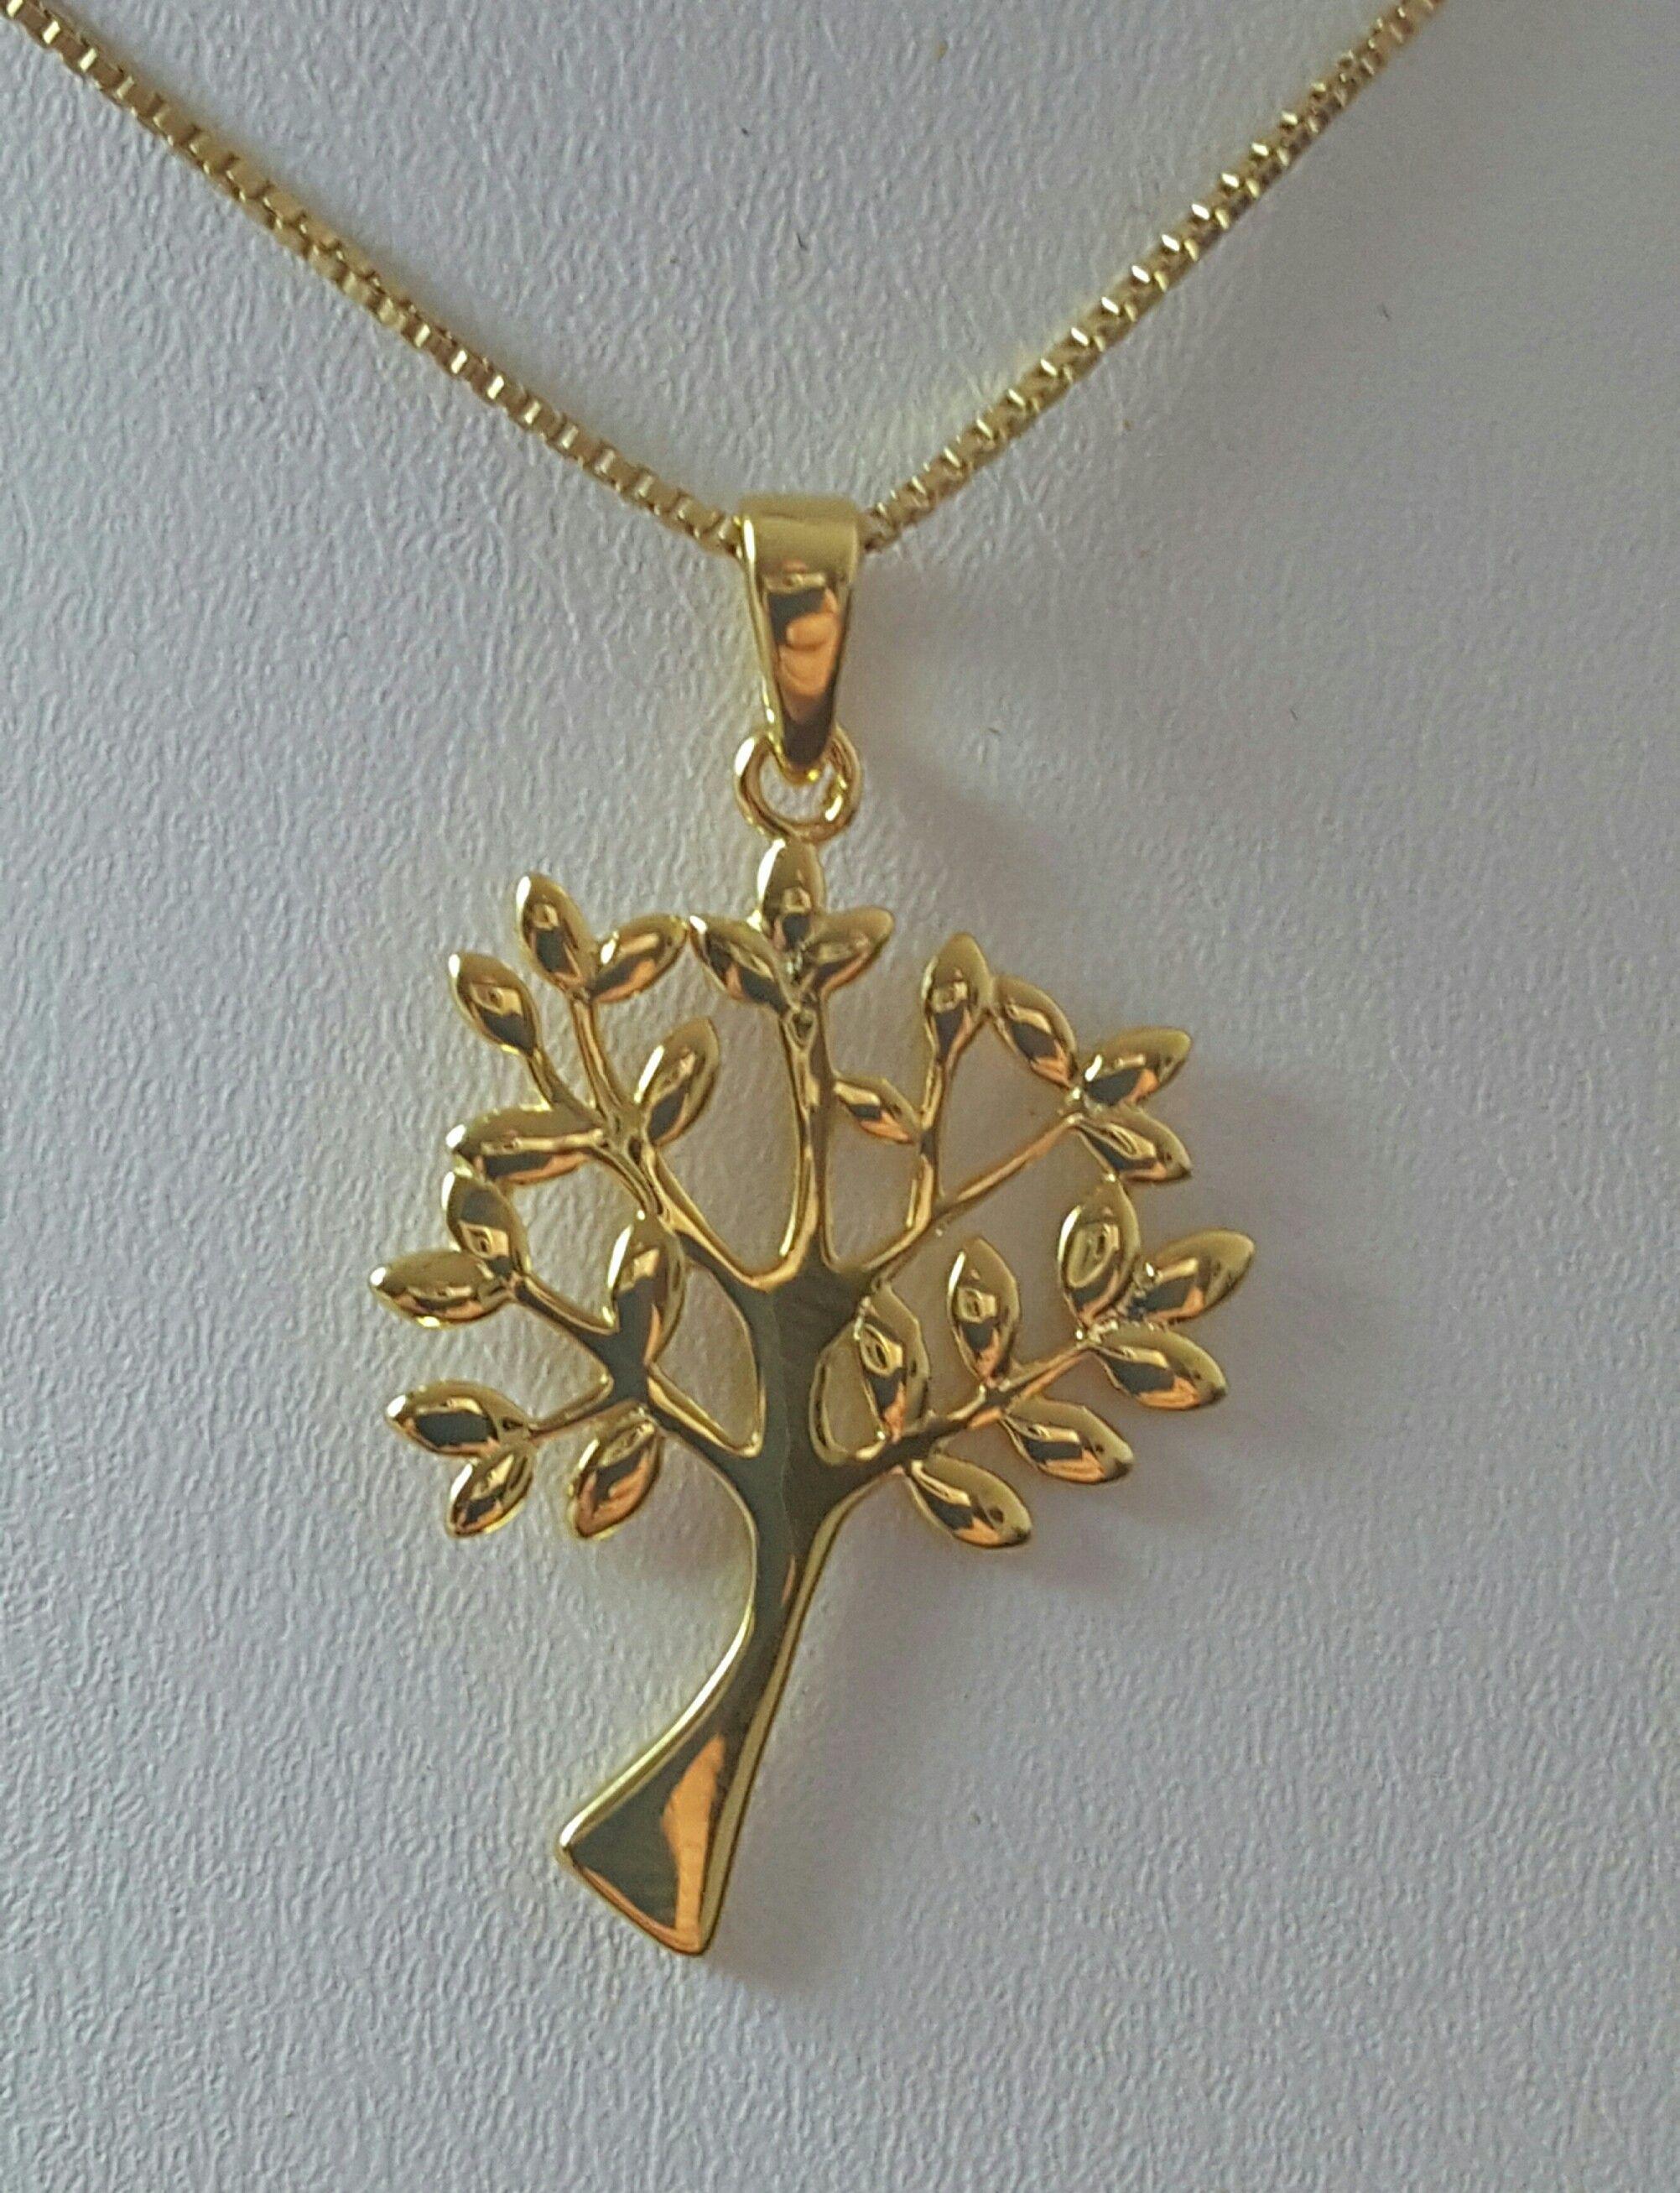 d71b1134a414 Cadena y dije árbol de la vida en oro 14k sobre plata. Referencia ...